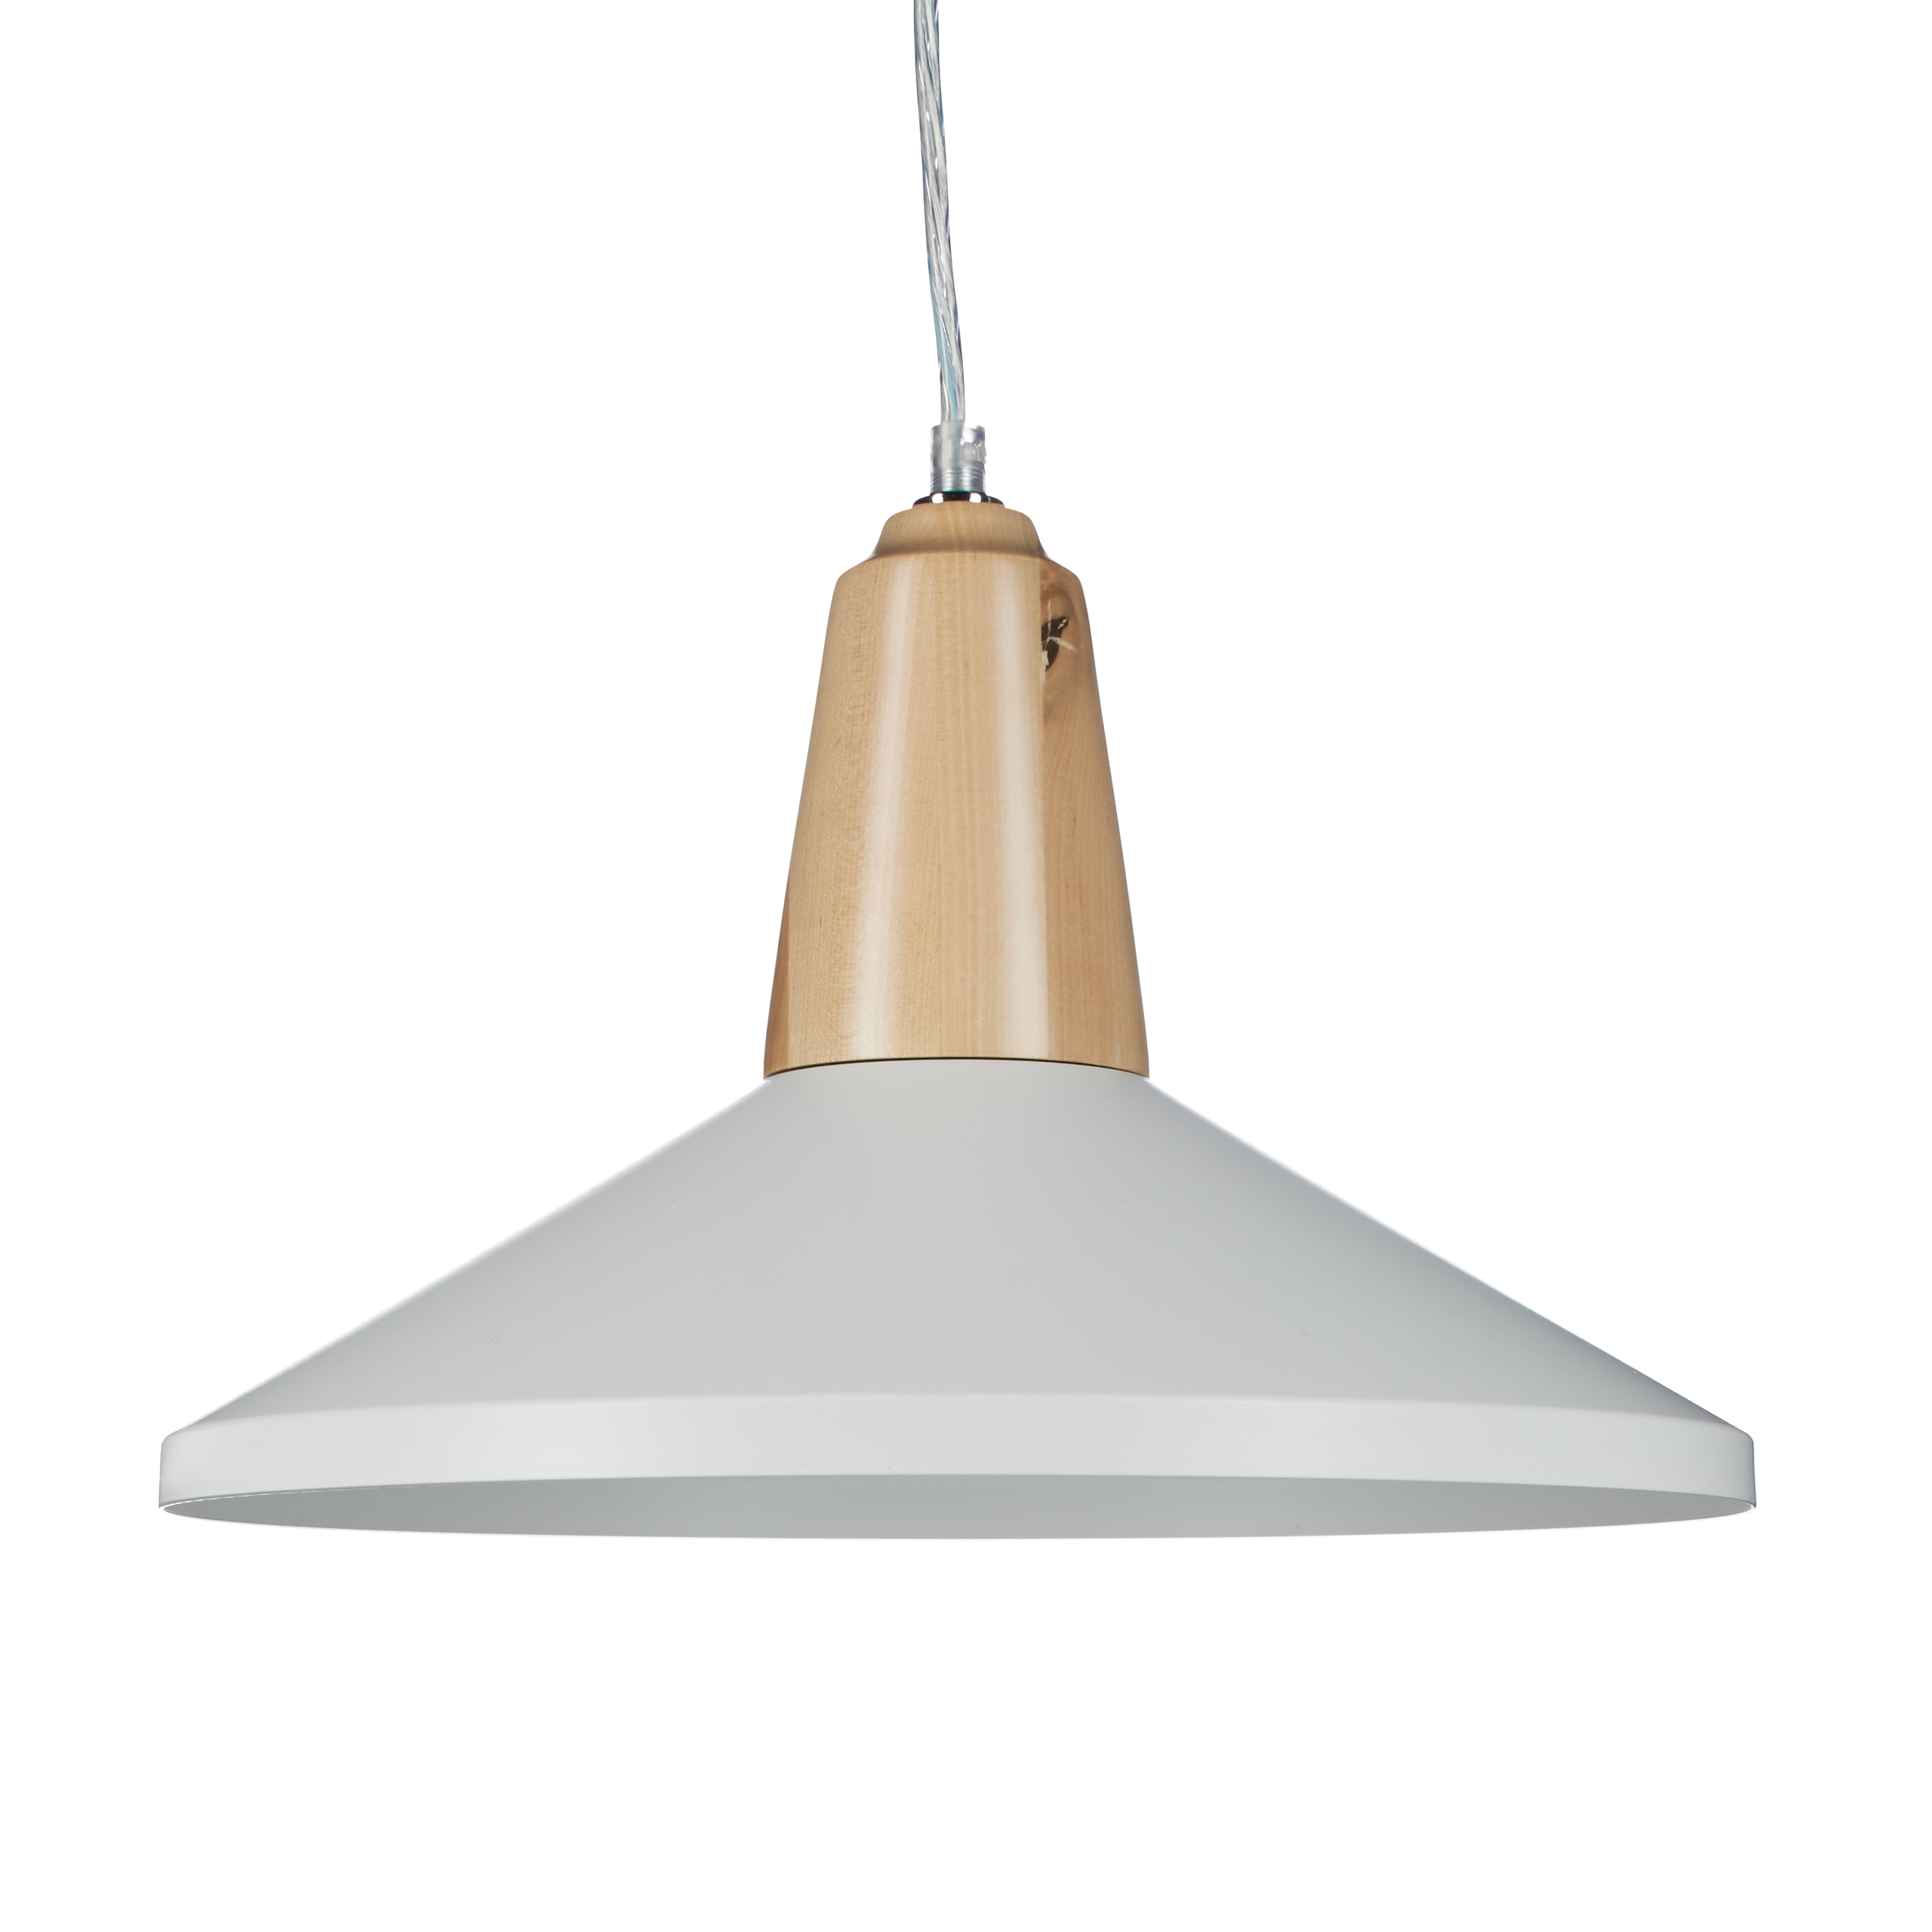 Pendelleuchte-Retro-mit-Holz-Fassung-und-Lampenschirm-aus-Metall-E27-Haengelampe